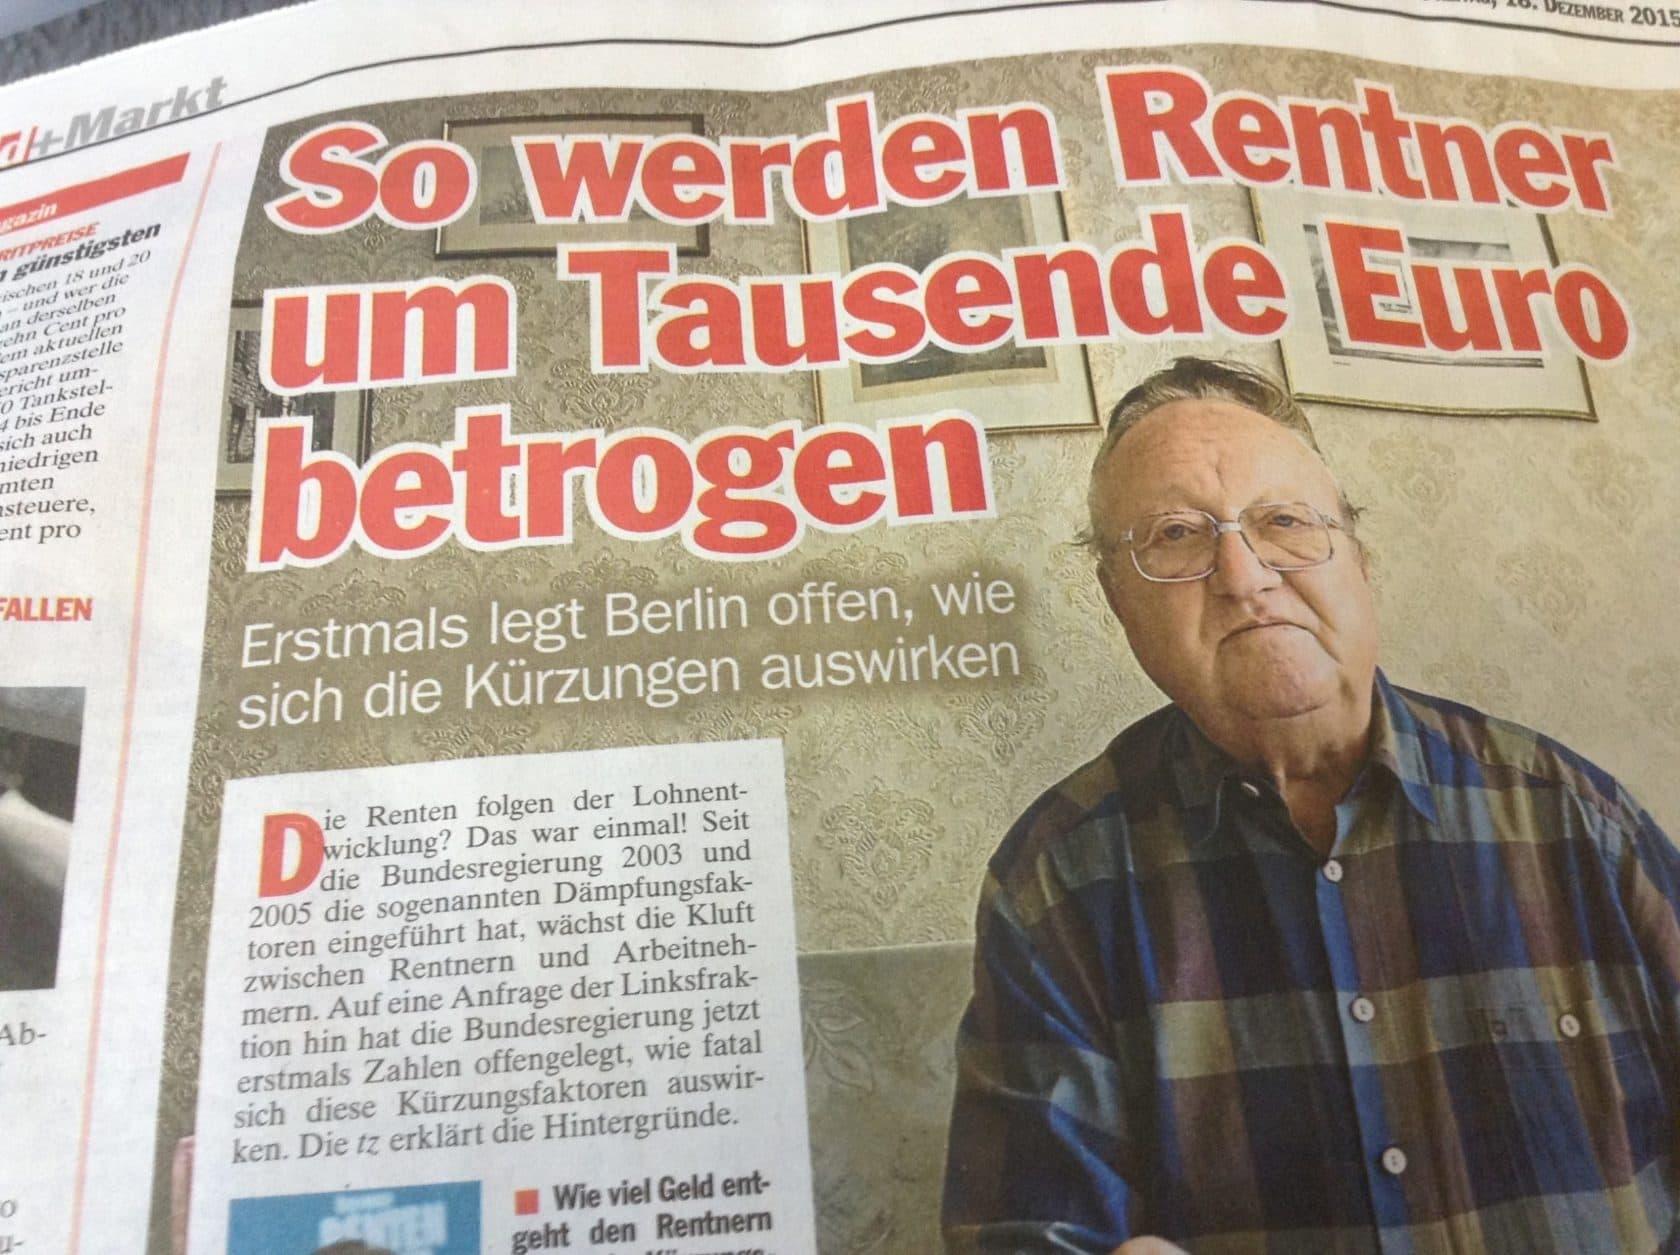 So werden Rentner um Tausende Euro betrogen